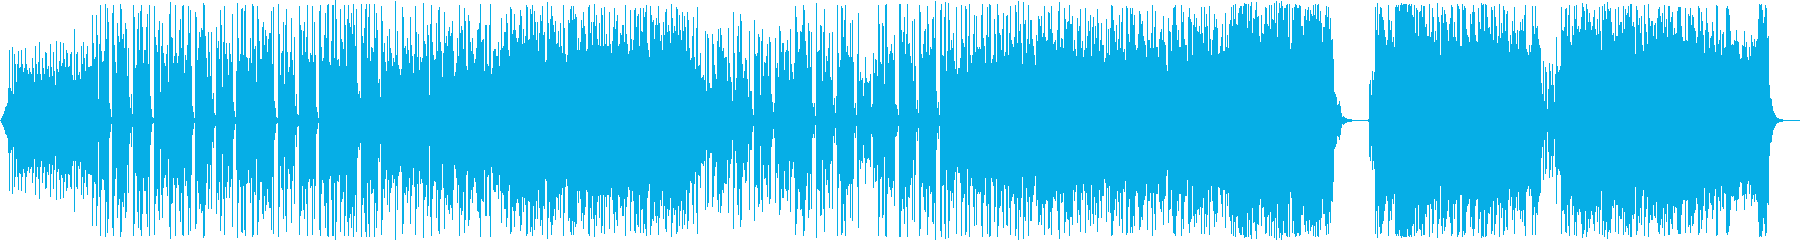 冷静になる。ソフトジャズコード。ピ...の再生済みの波形